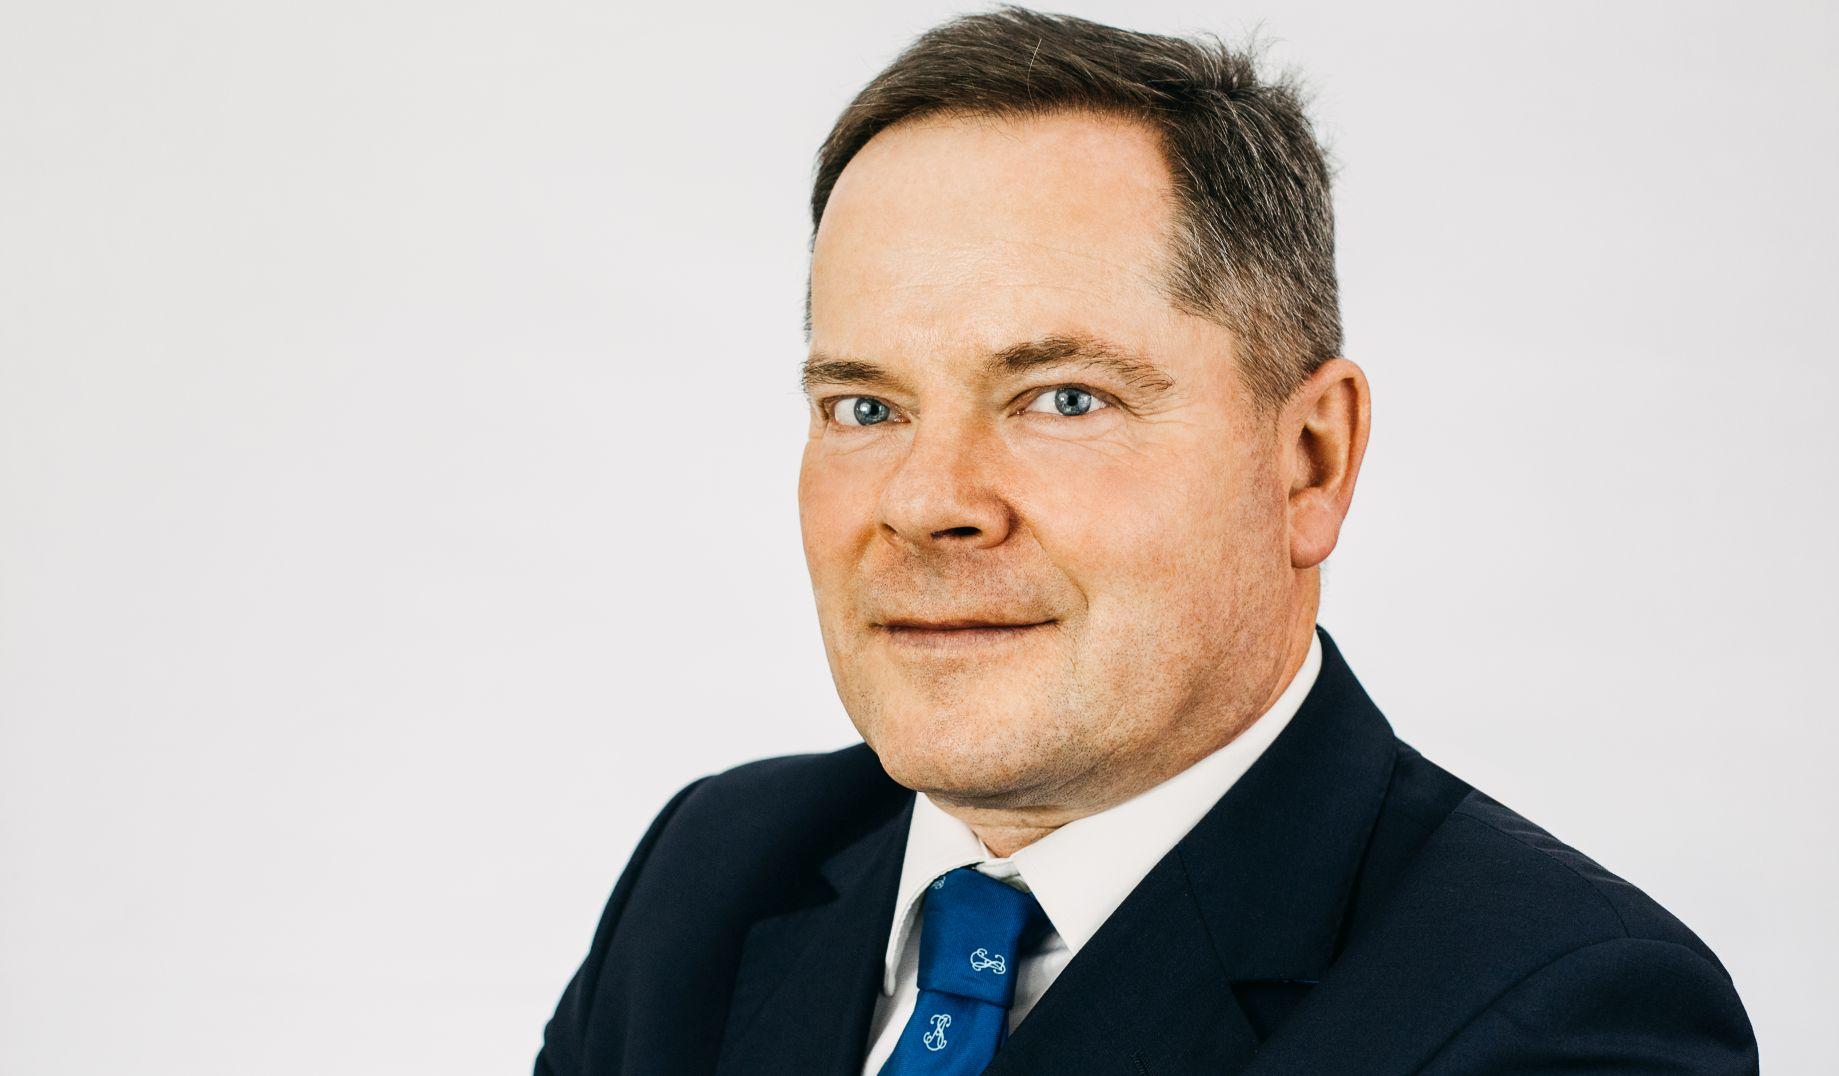 OŚWIADCZENIE Krzysztofa Kubienia, kandydata na burmistrza Andrychowa